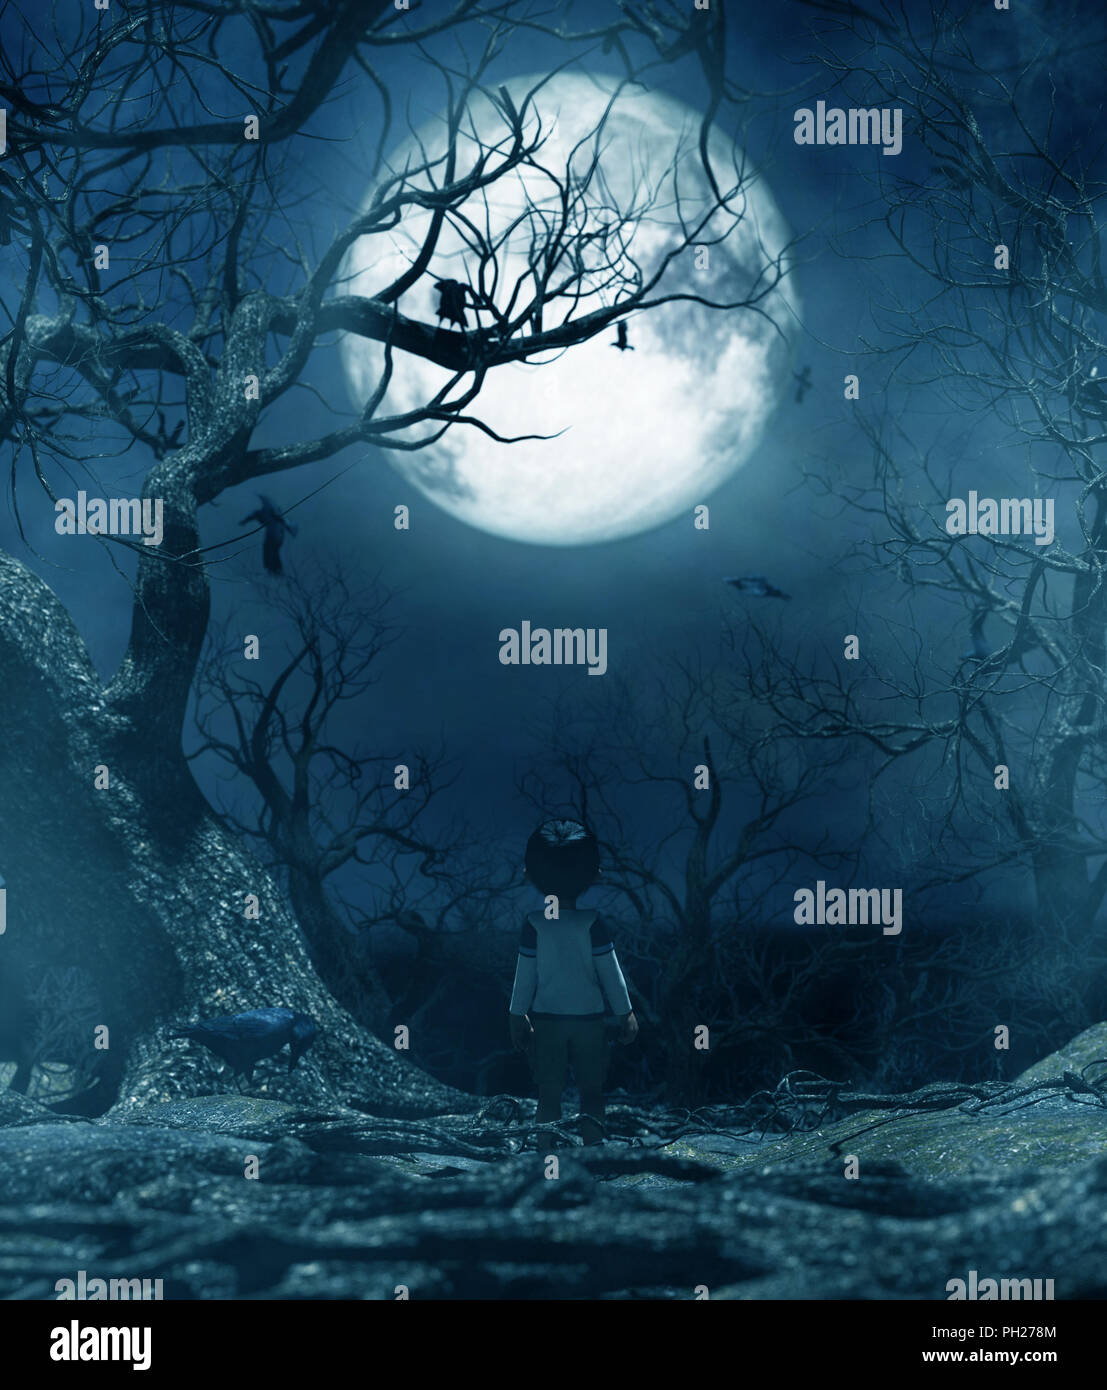 Junge allein wandern in der Nacht im Mondlicht, Junge in der verwunschene Wald verloren, 3D-Rendering für Buch oder Buch Abbildung Stockfoto